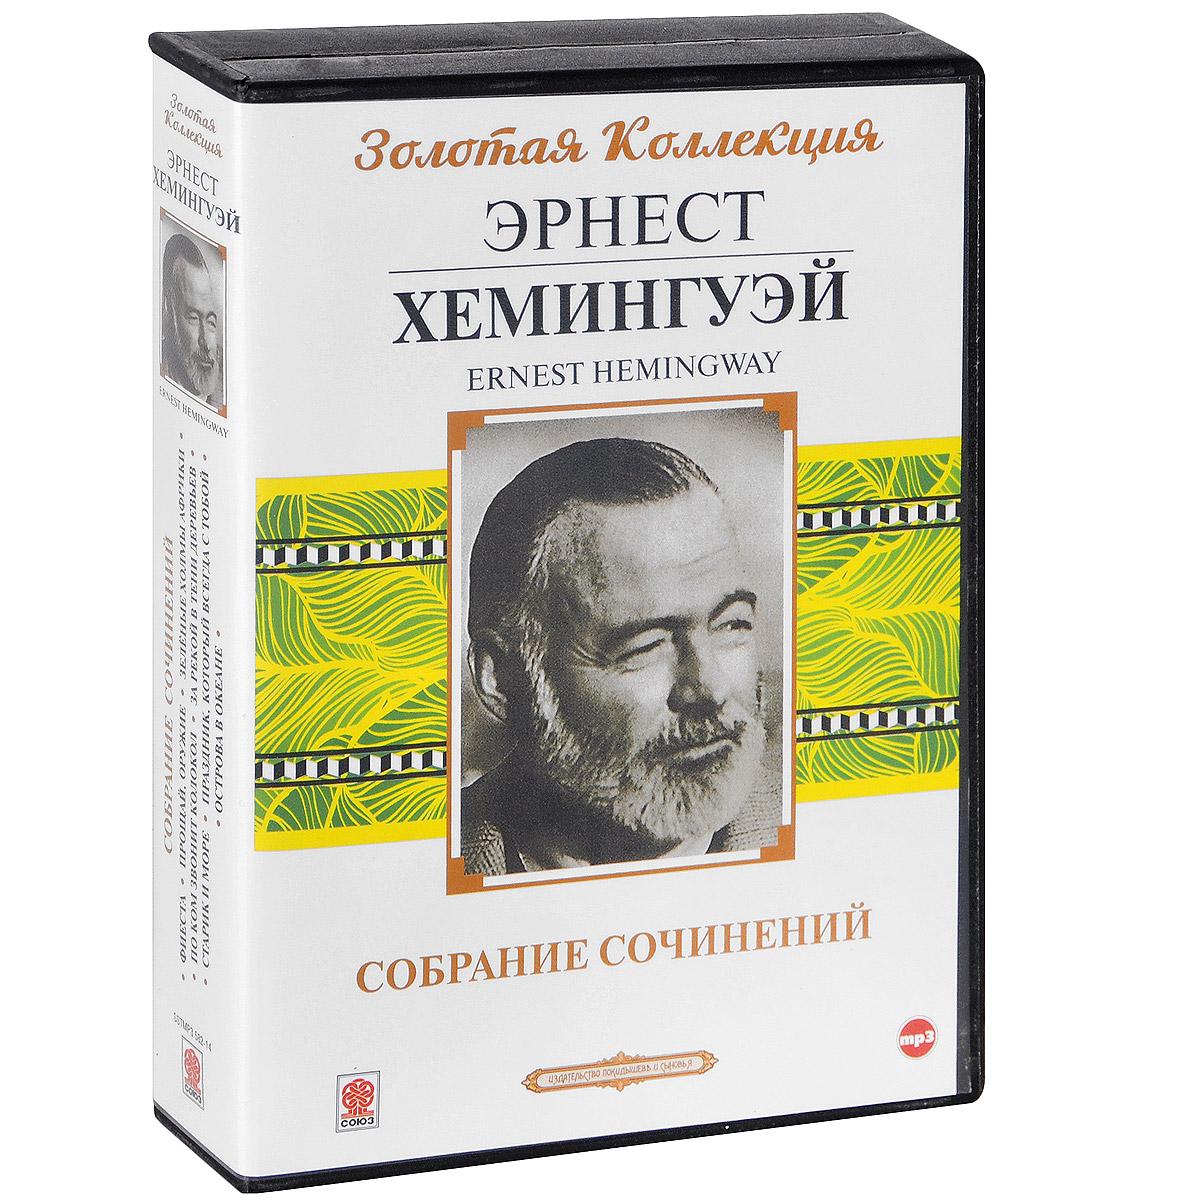 Эрнест Хемингуэй. Собрание сочинений (комплект из 8 аудиокниг MP3 на 9 CD)